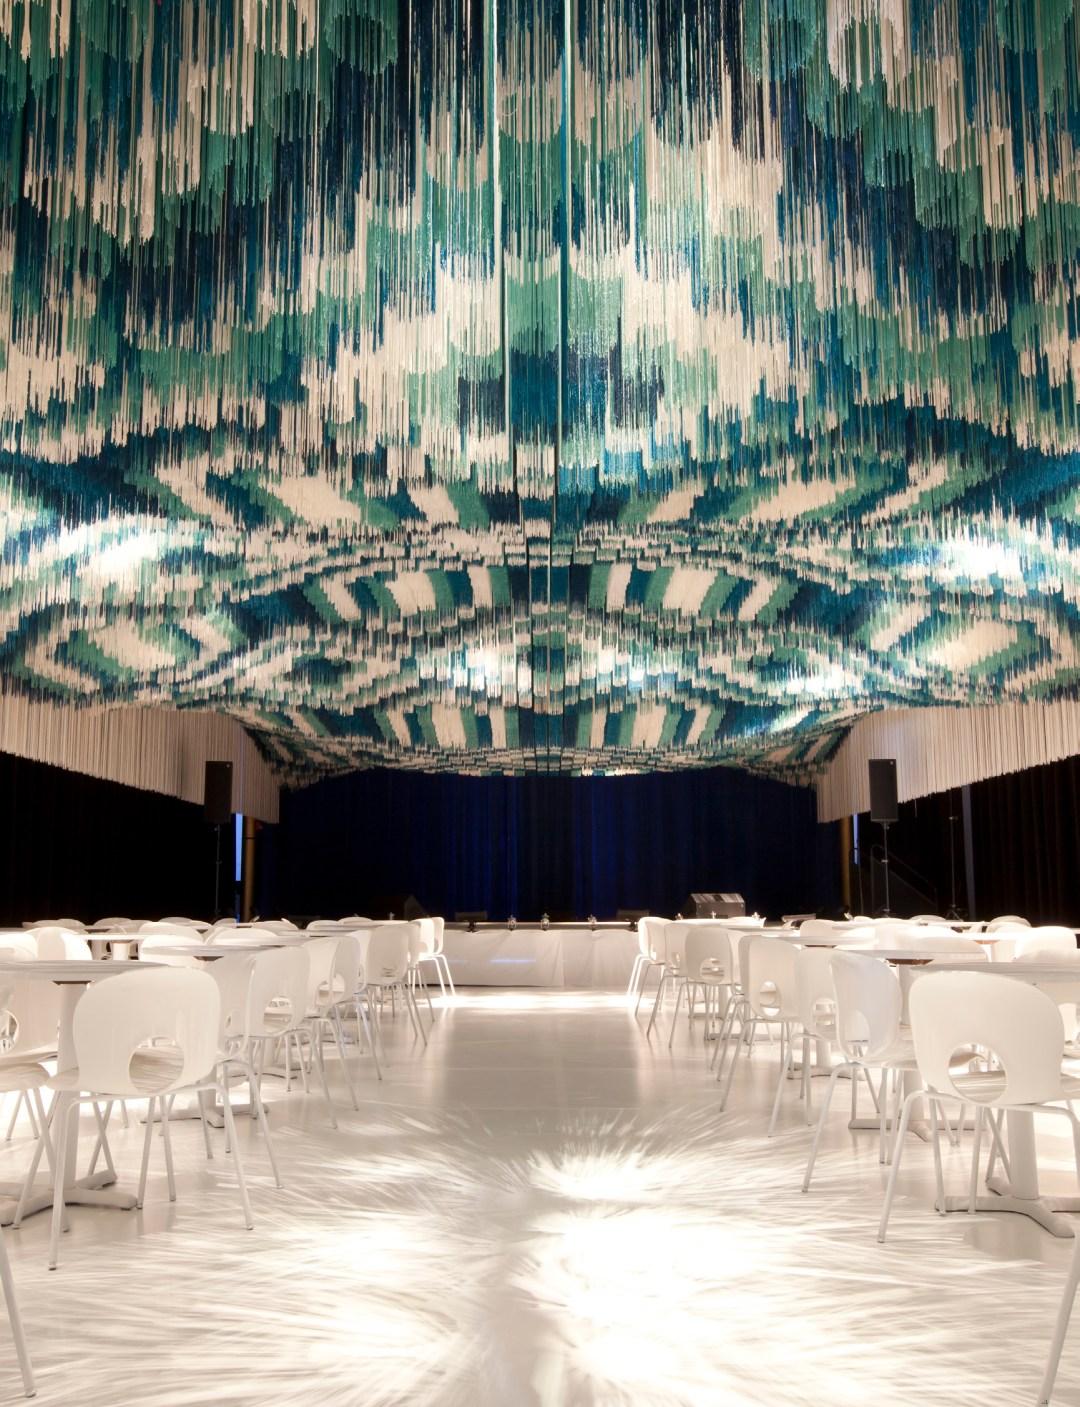 HCMA — POOLS: Aquatic Architecture